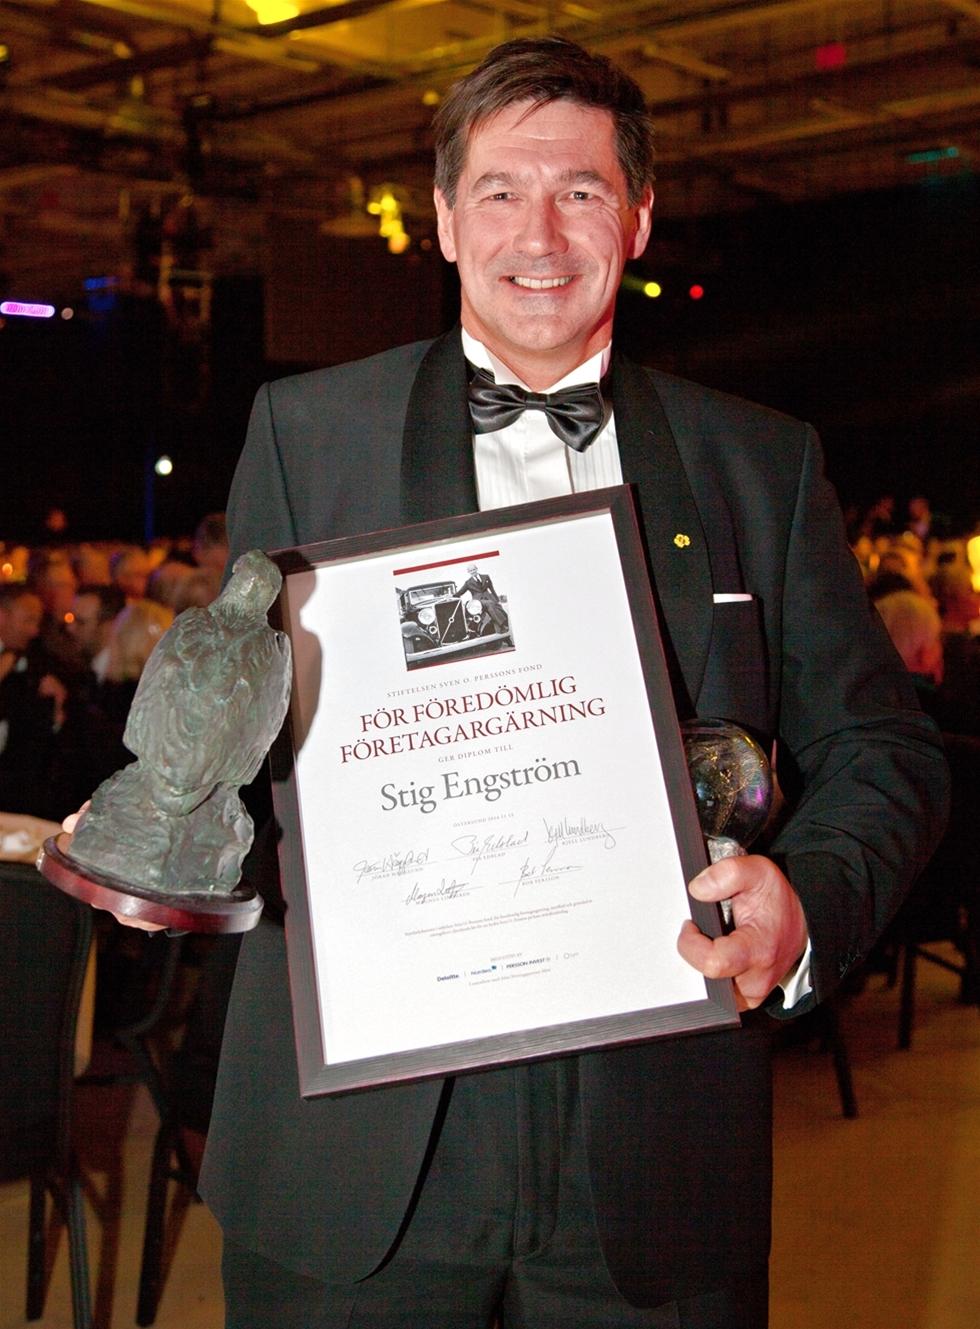 Stig Engström, grundare och huvudägare av teknikföretaget engcon, belönades med Sven O Perssons hederspris på Guldgalan i Östersund. –        Jag är både rörd och hedrad över denna utmärkelse. Sven O Persson var en entreprenör som var lika skicklig som hederlig och en stor förebild för mig som företagare, säger Stig Engström.